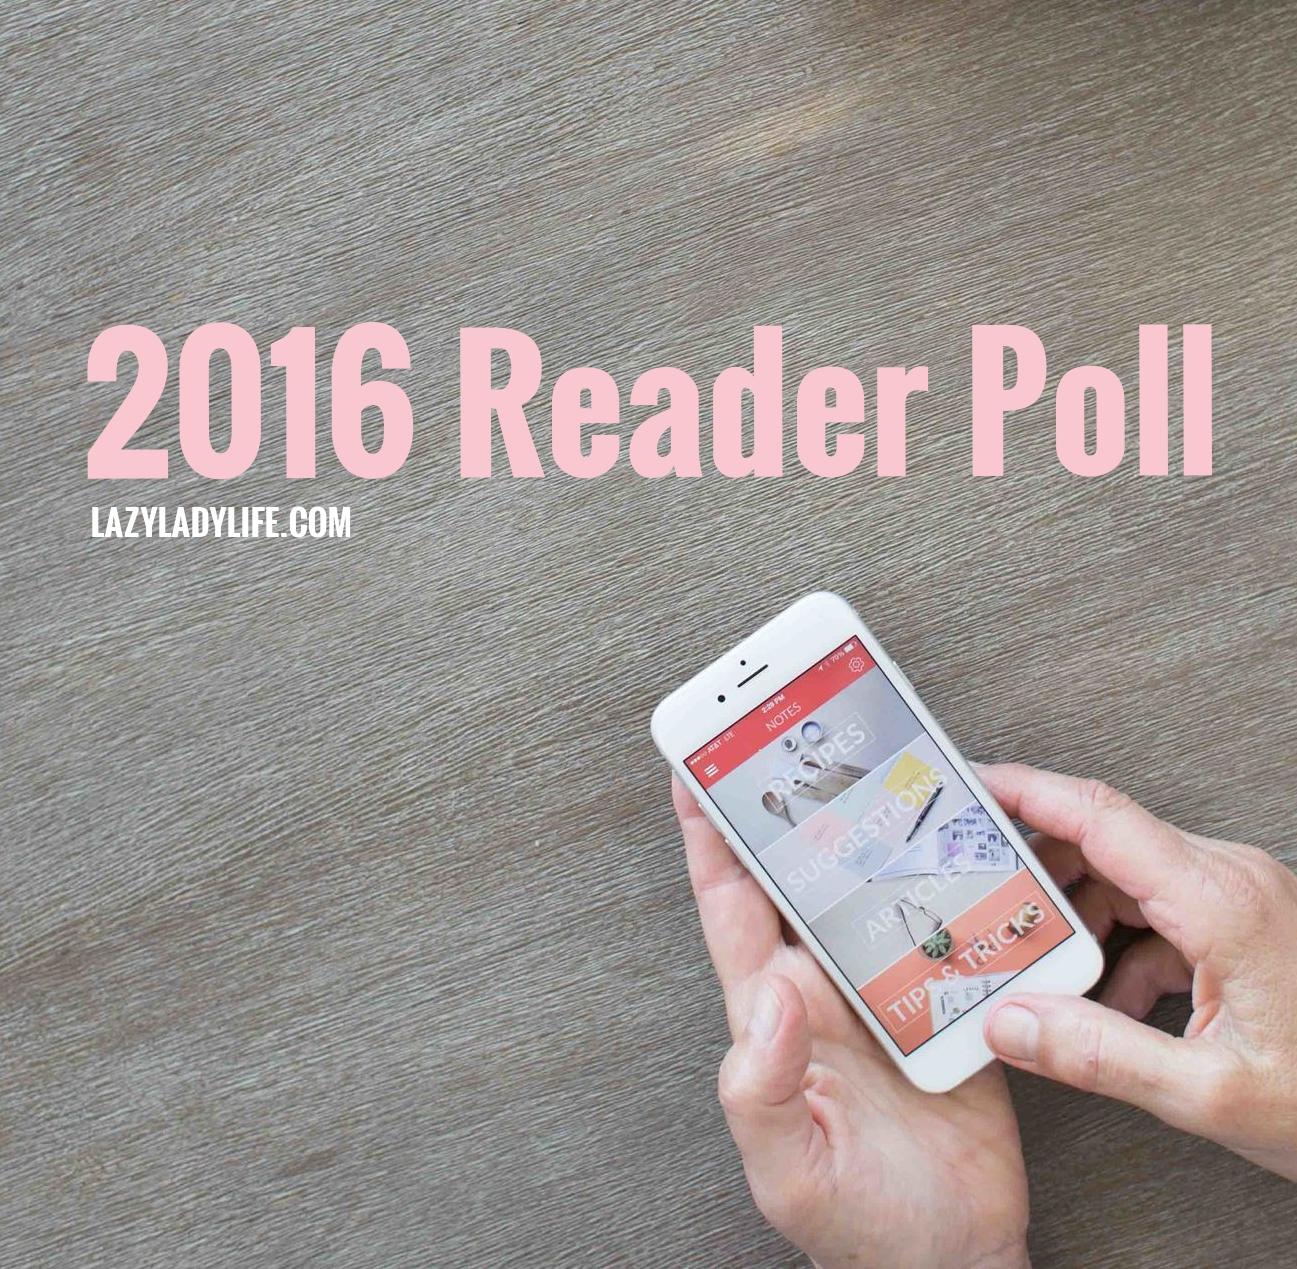 2016-Reader-Poll